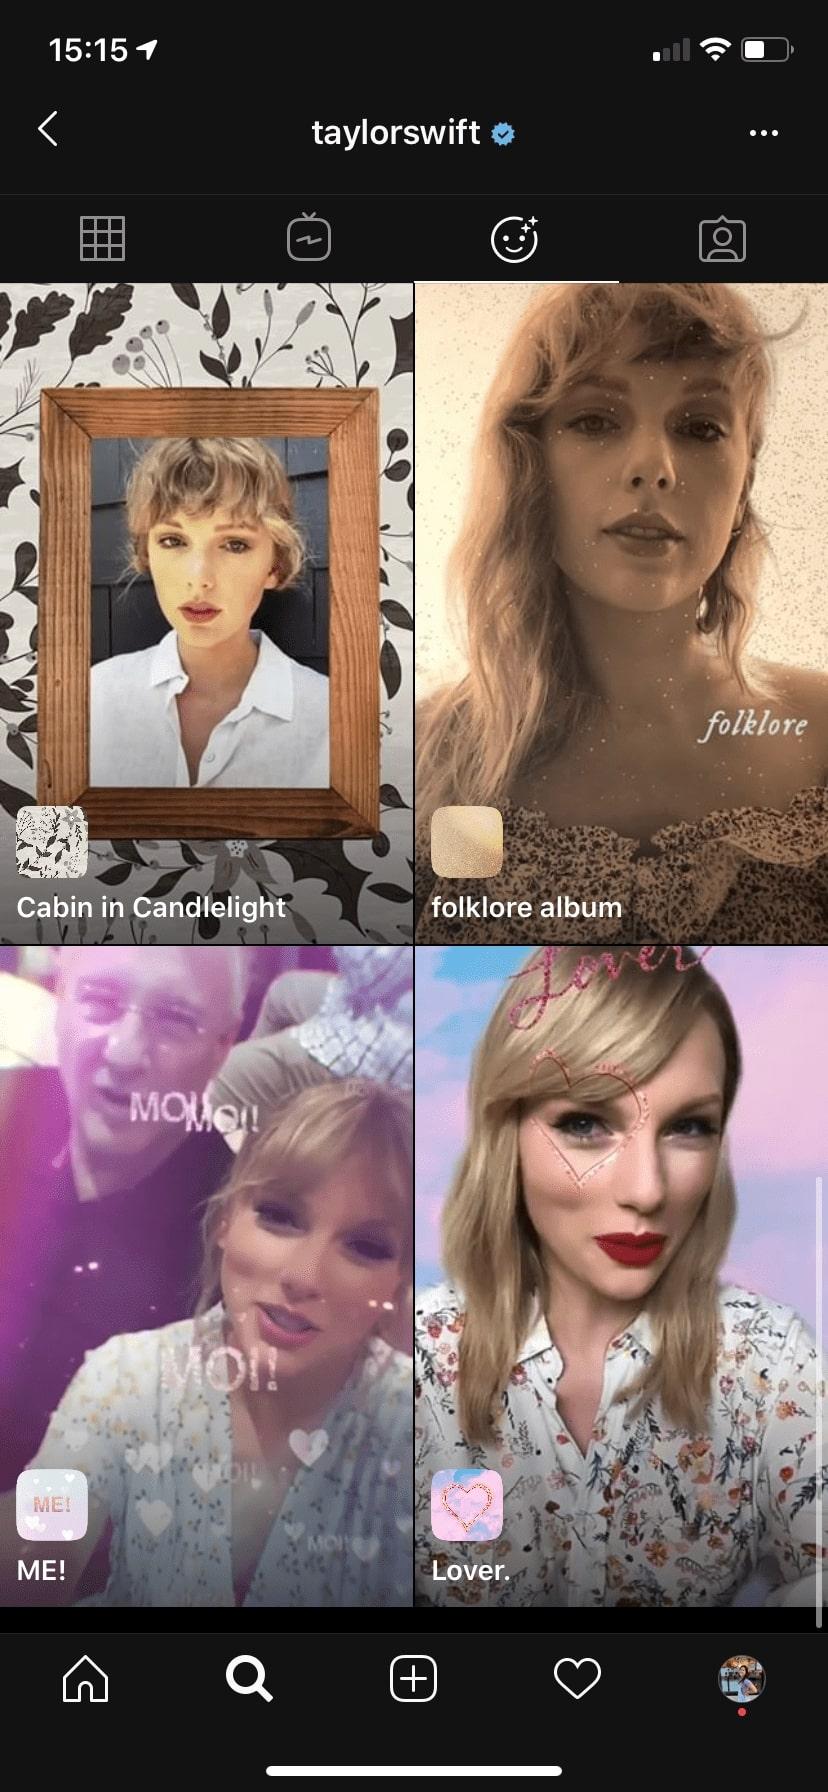 Taylor Swift Instagram effects